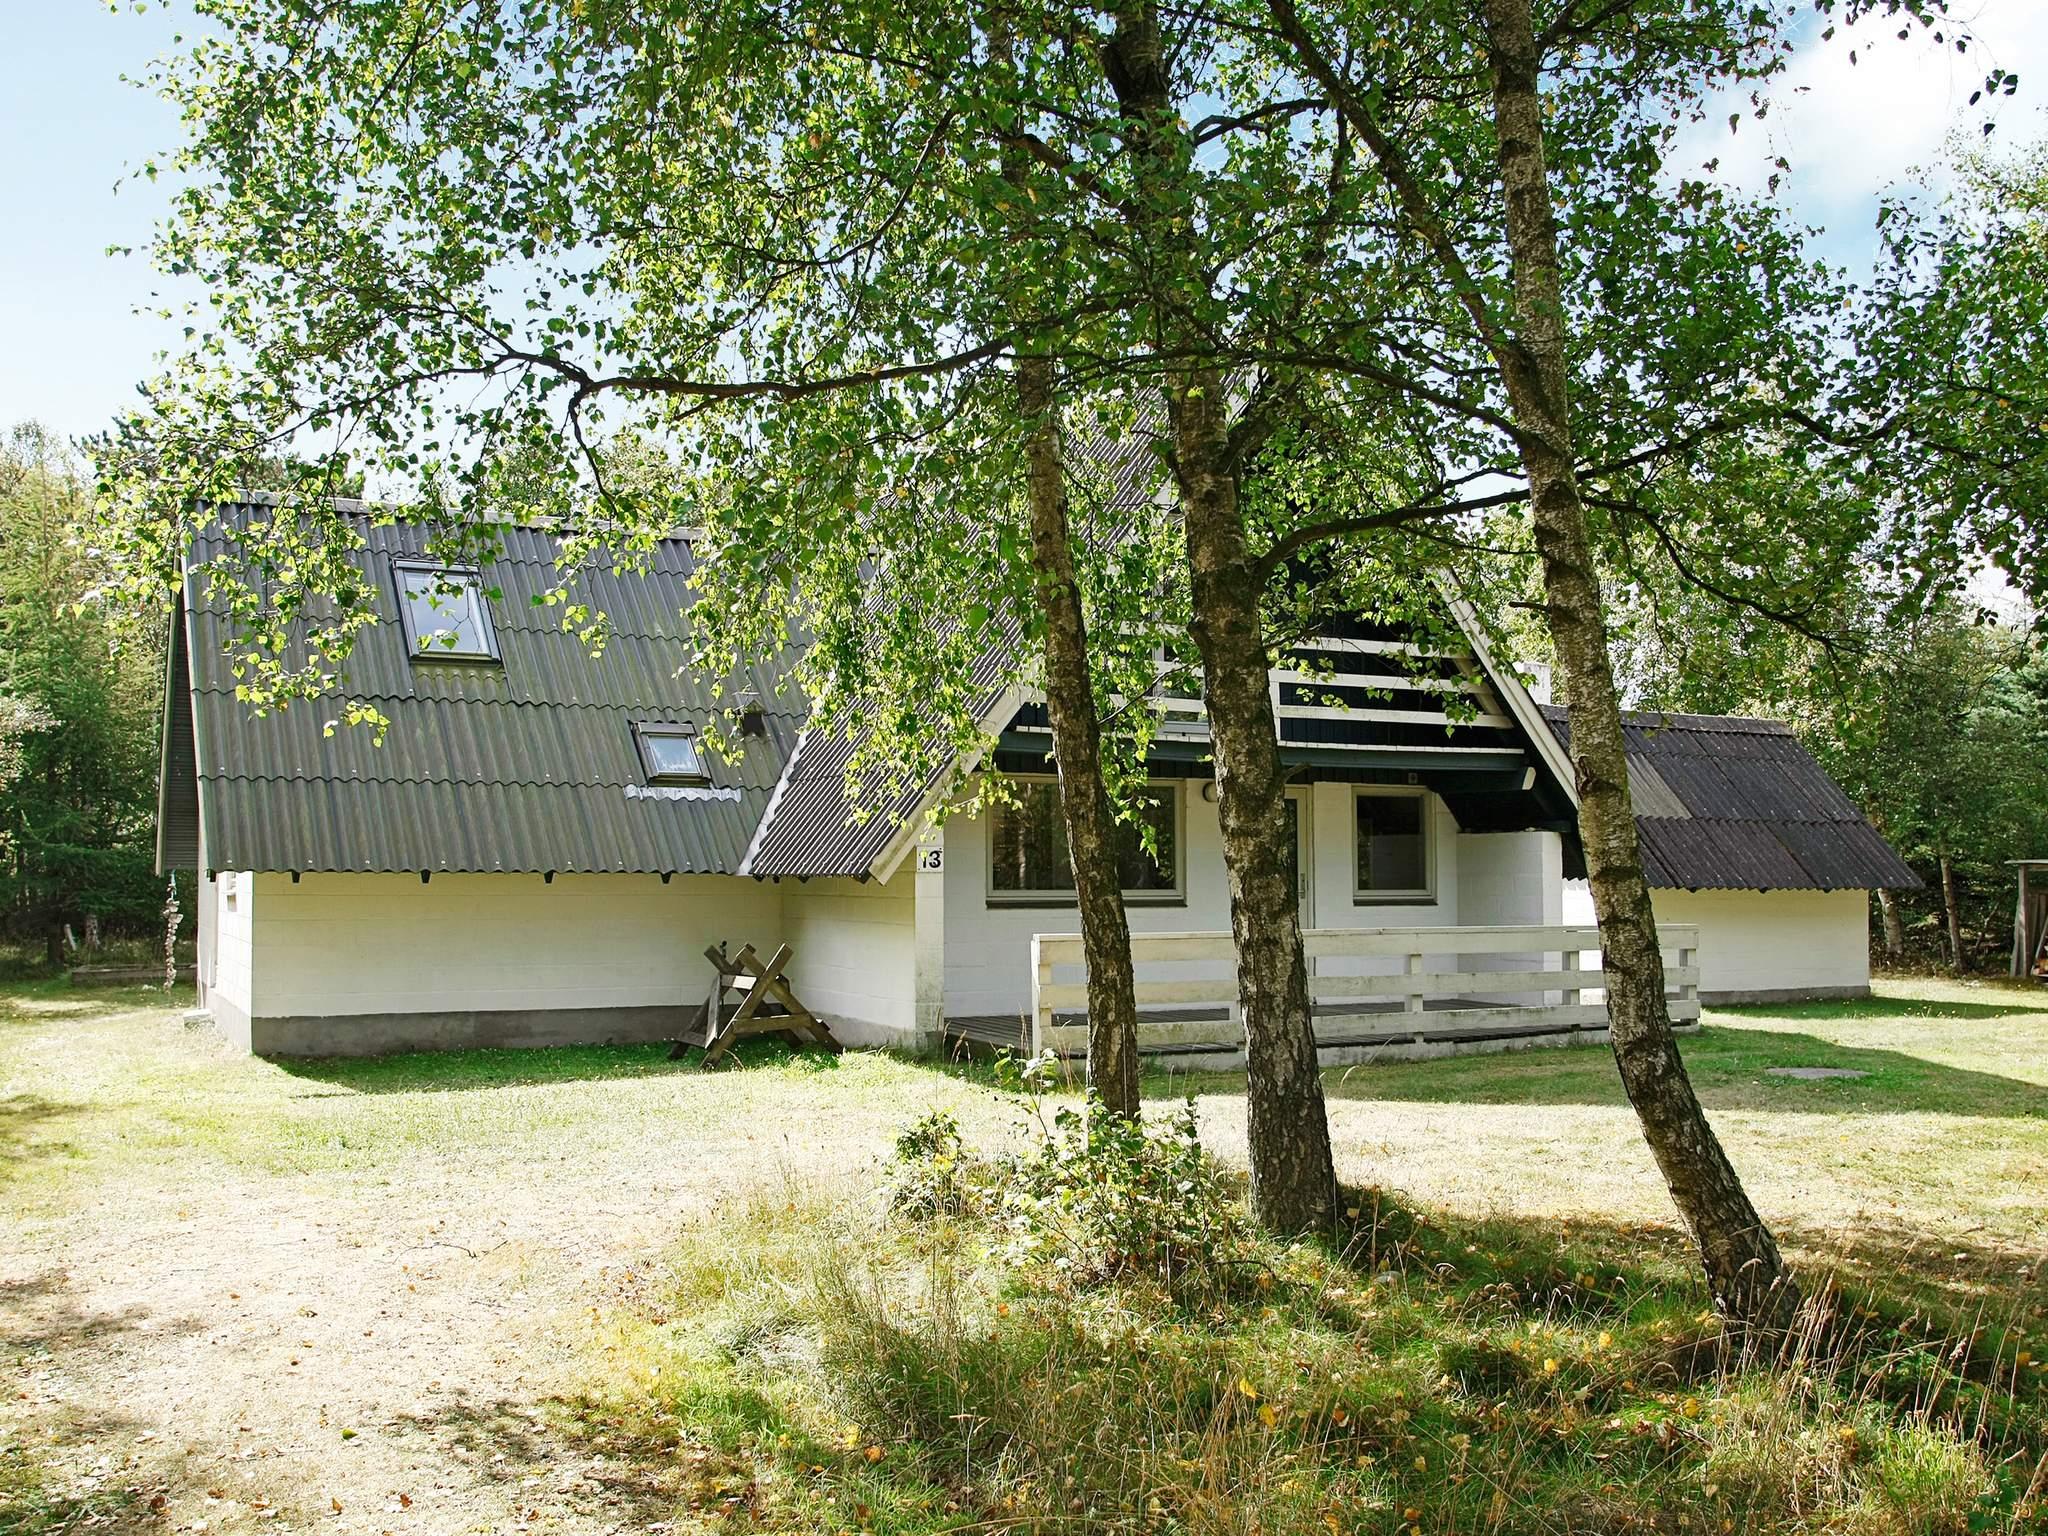 Ferienhaus Fur (83067), Fur, , Limfjord, Dänemark, Bild 2